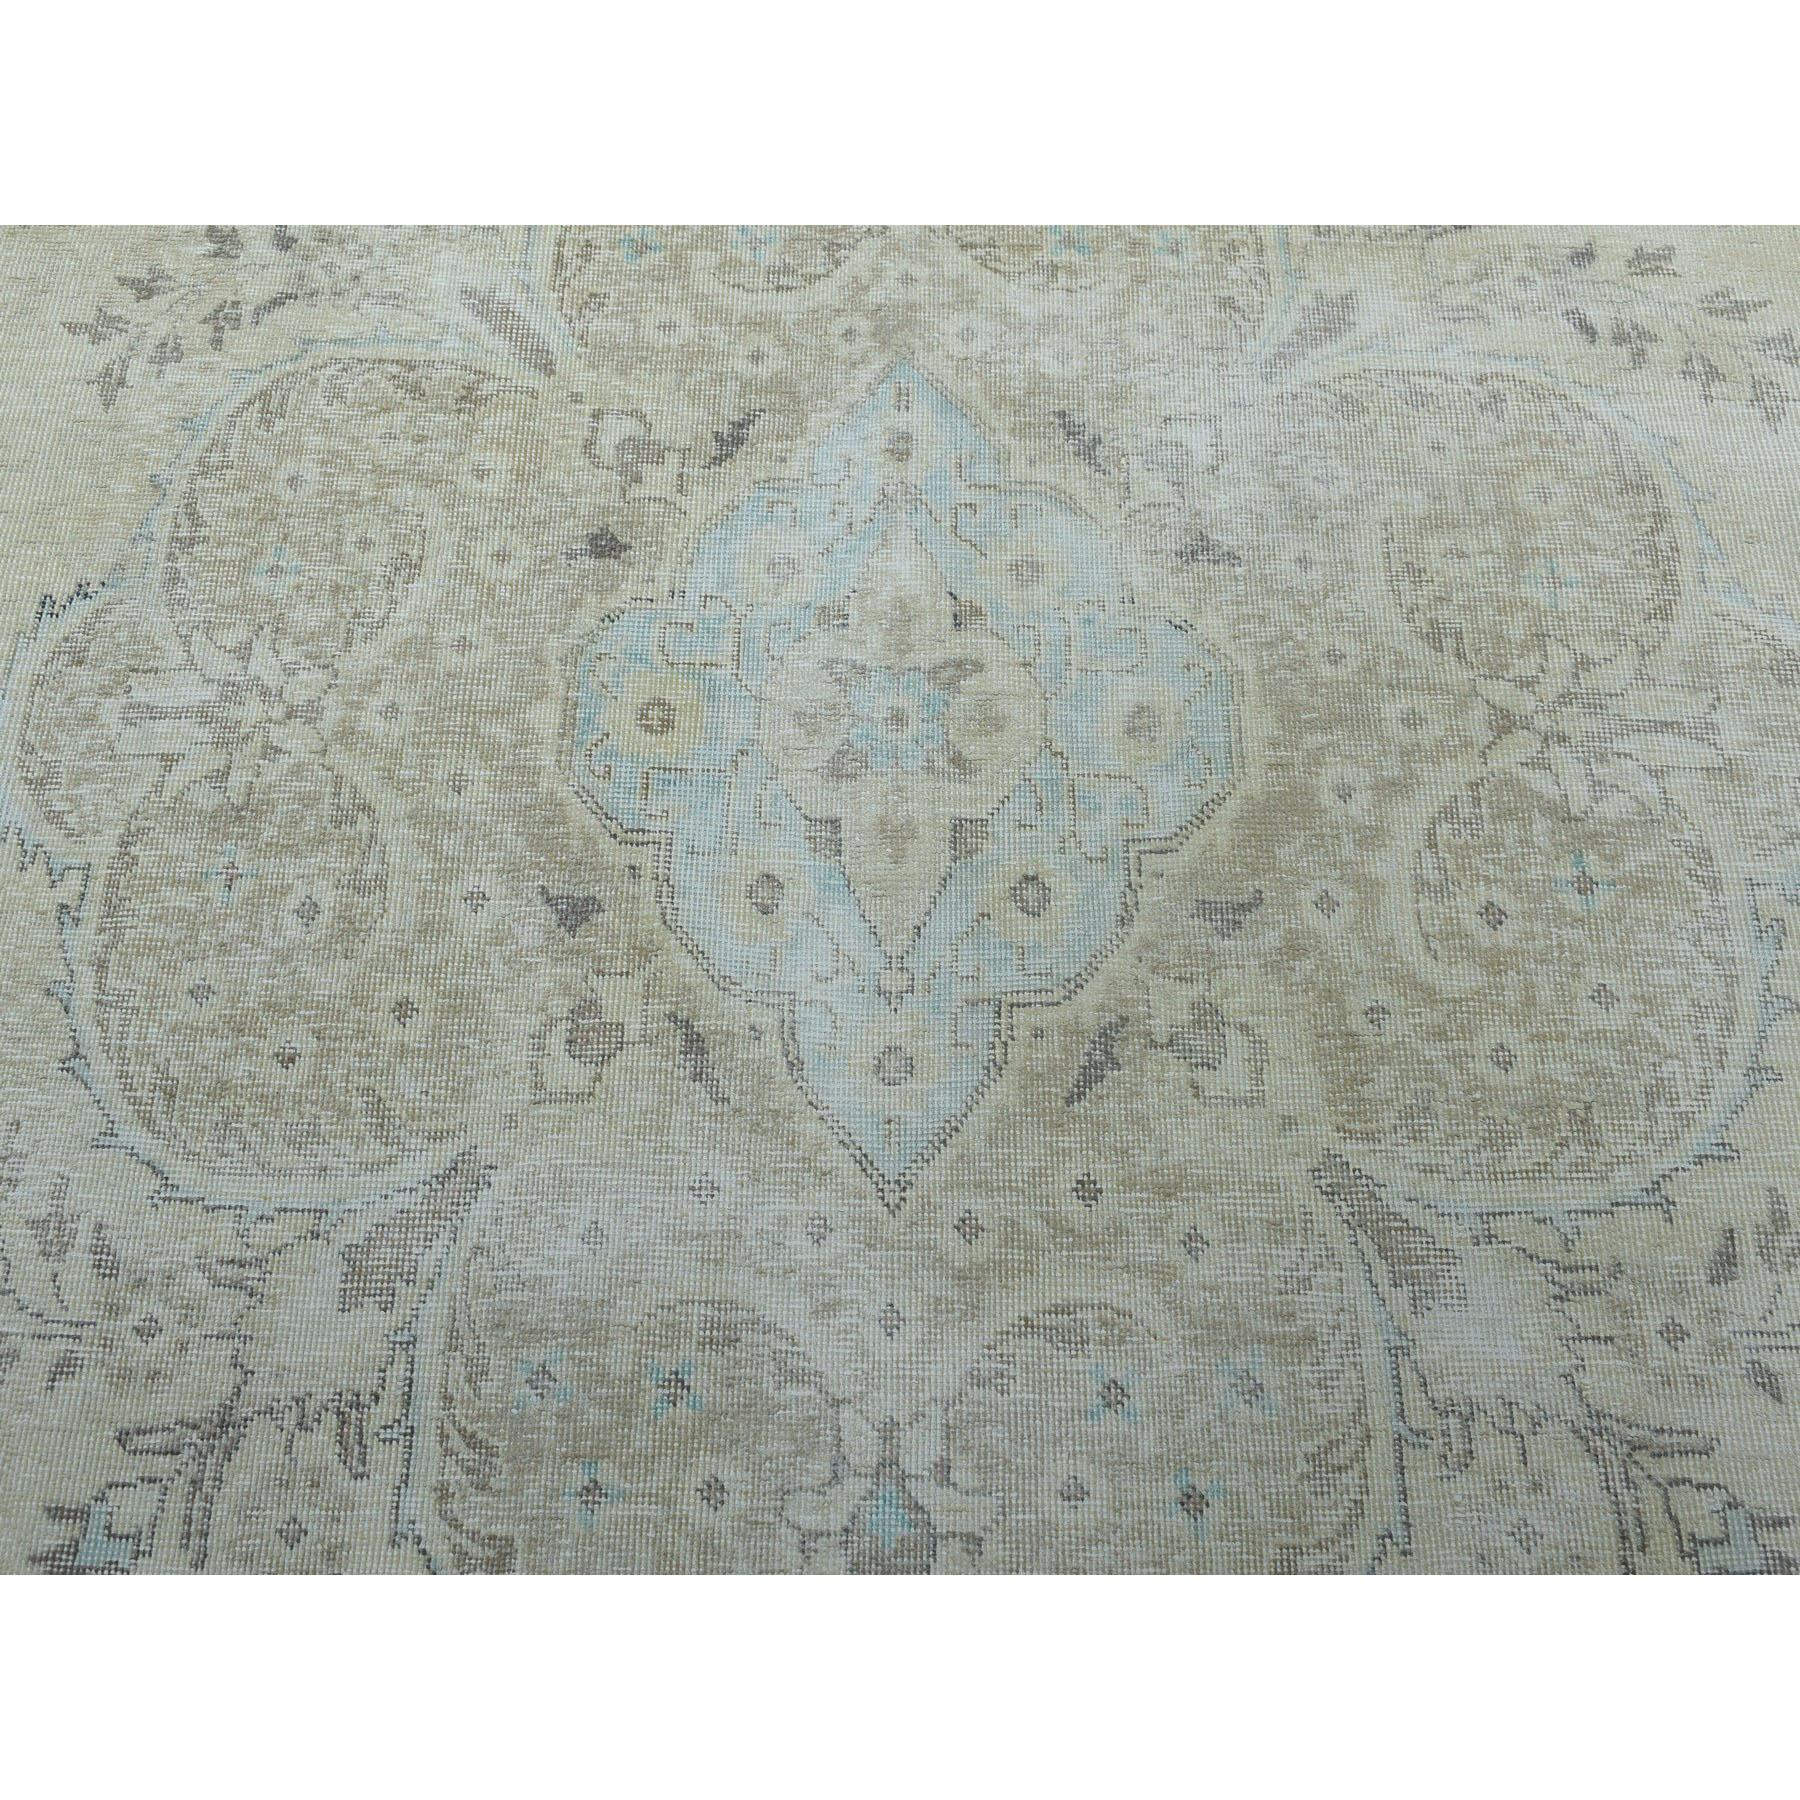 9-4 x12-7  Vintage White Wash Tabriz Worn Wool Hand-Knotted Oriental Rug